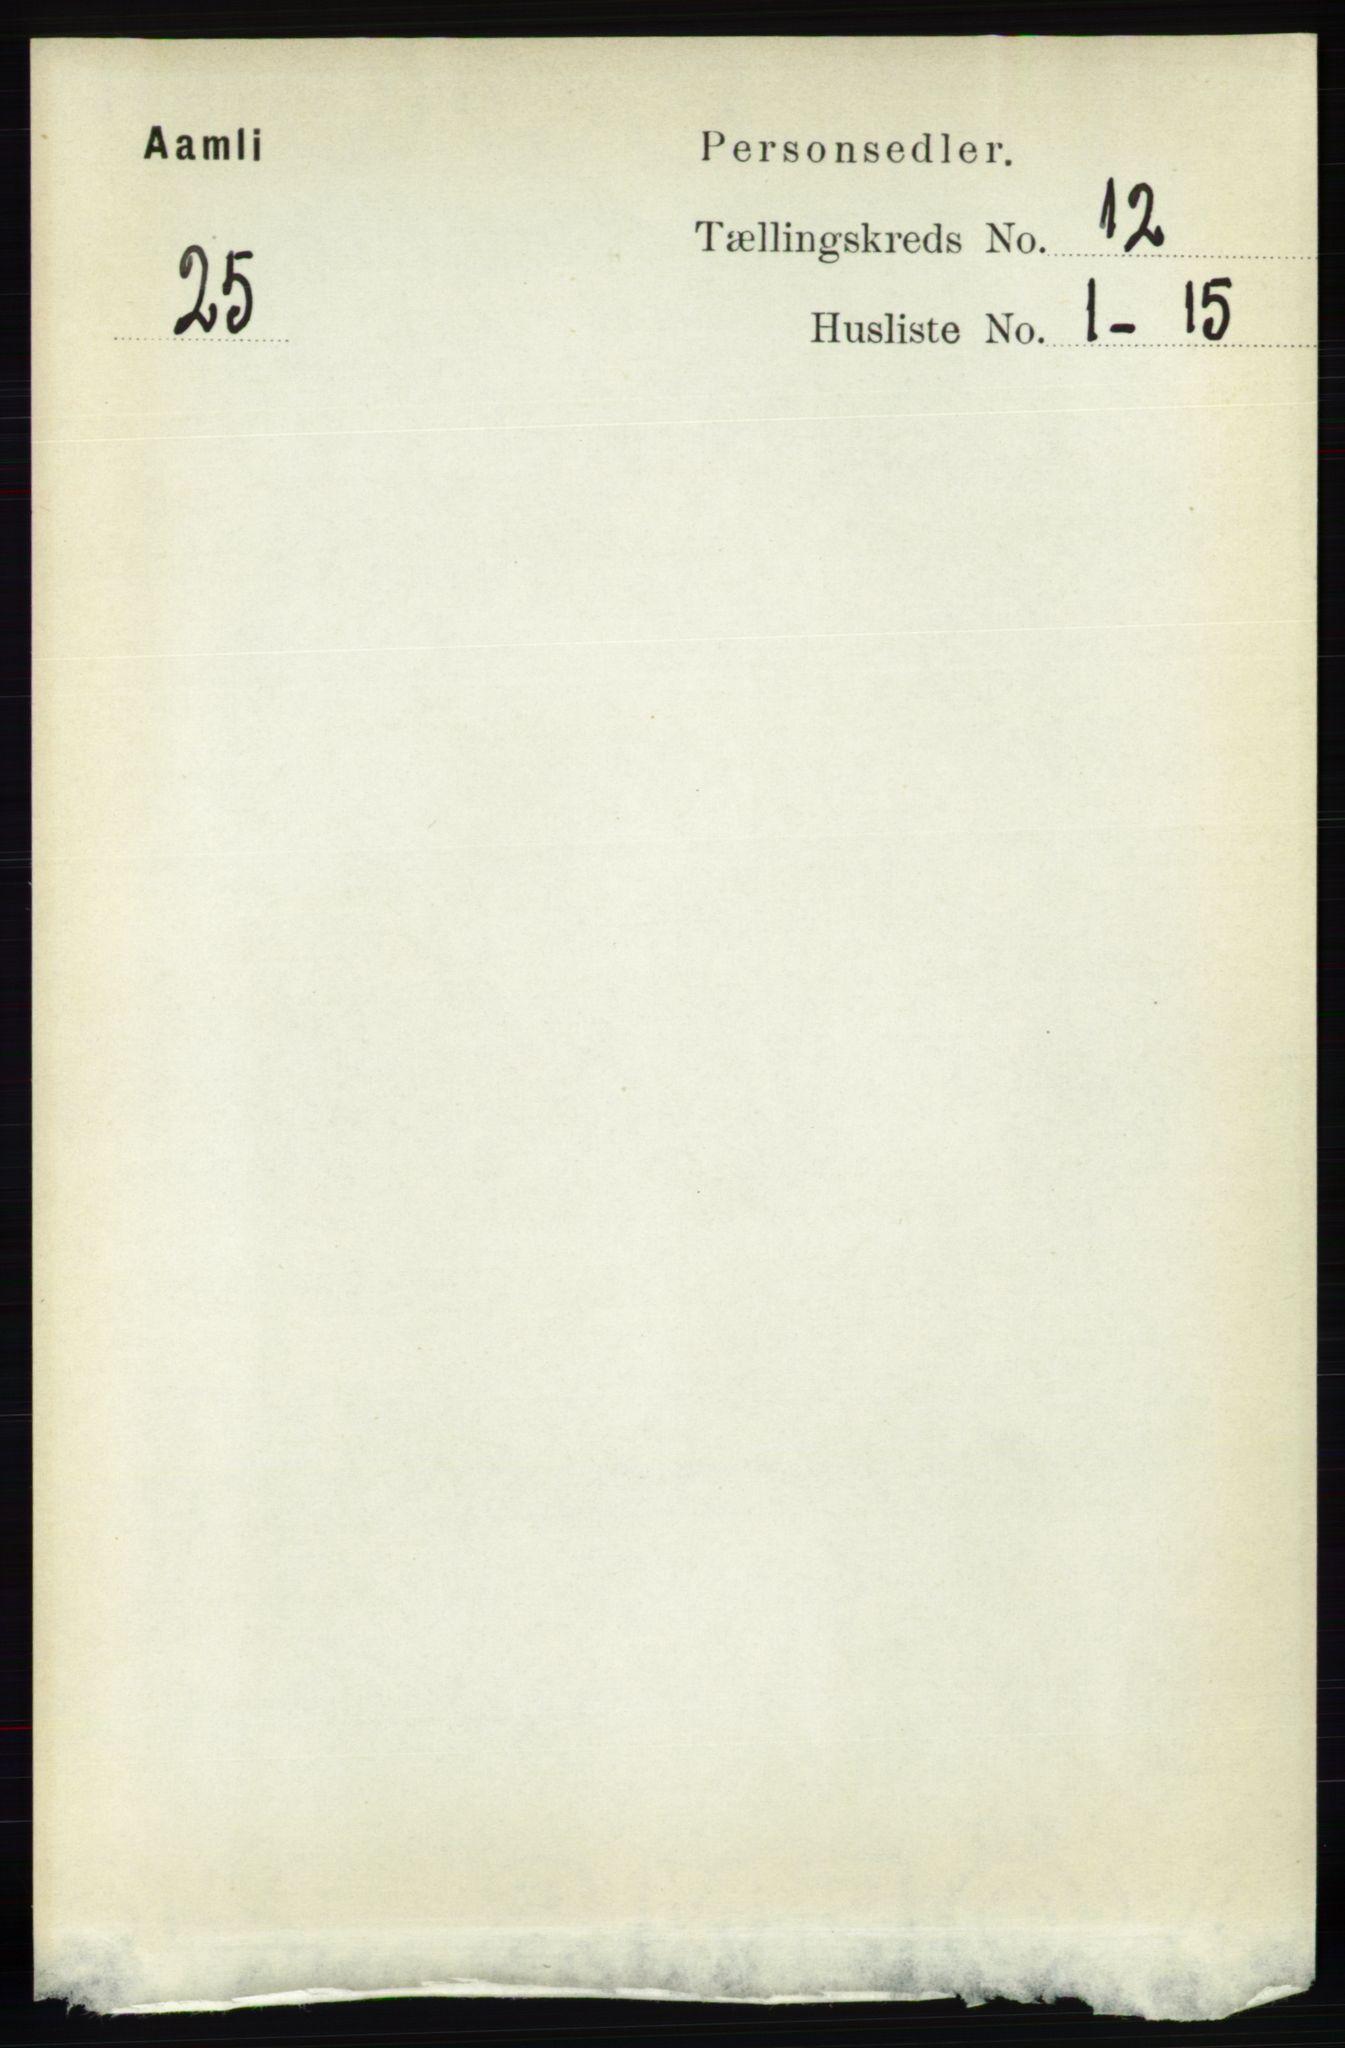 RA, Folketelling 1891 for 0929 Åmli herred, 1891, s. 2035